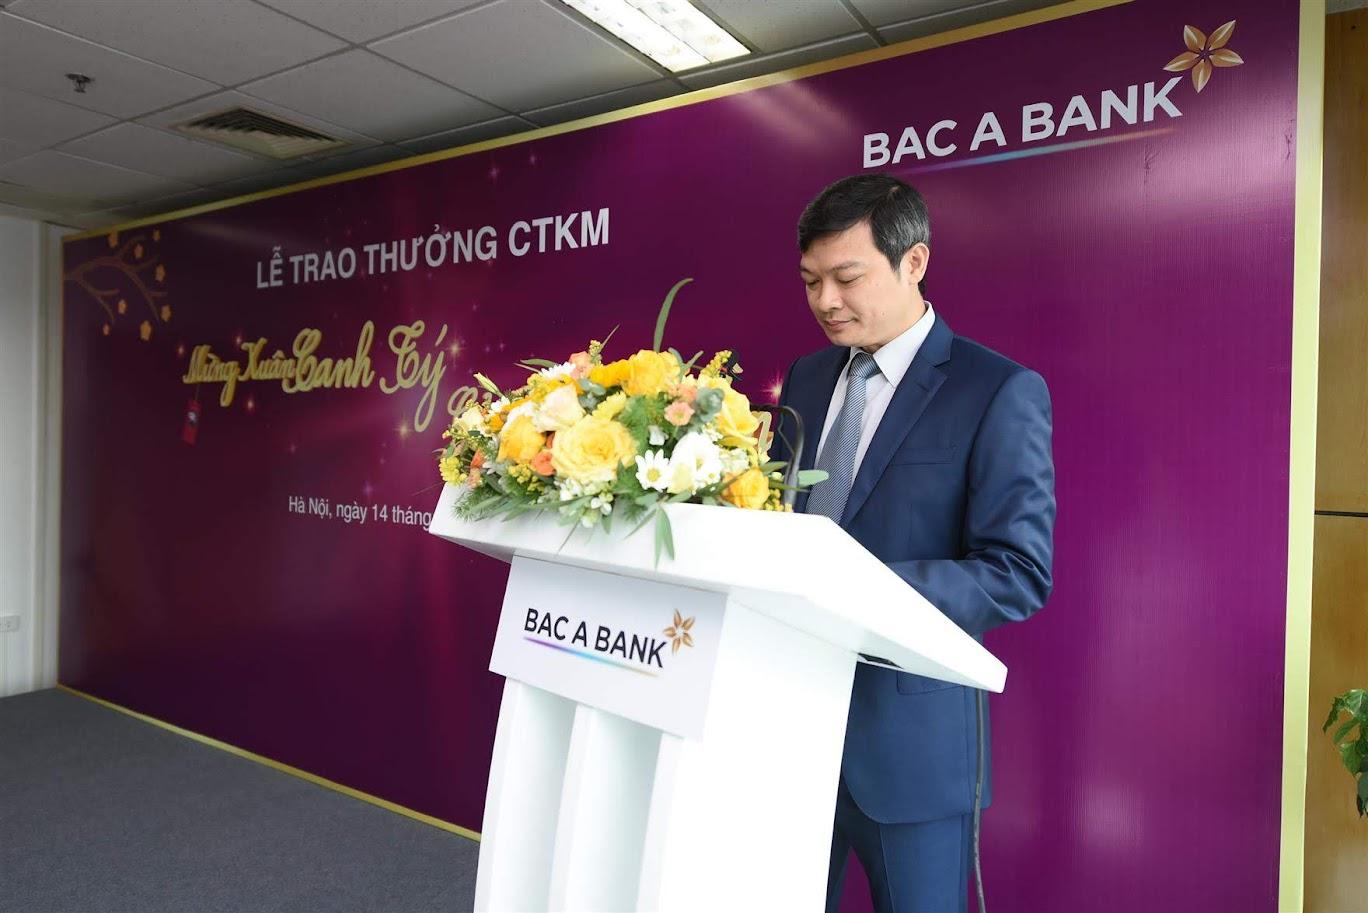 Ông Nguyễn Việt Hanh - Phó Tổng Giám đốc Ngân hàng TMCP Bắc Á phát biểu chào mừng